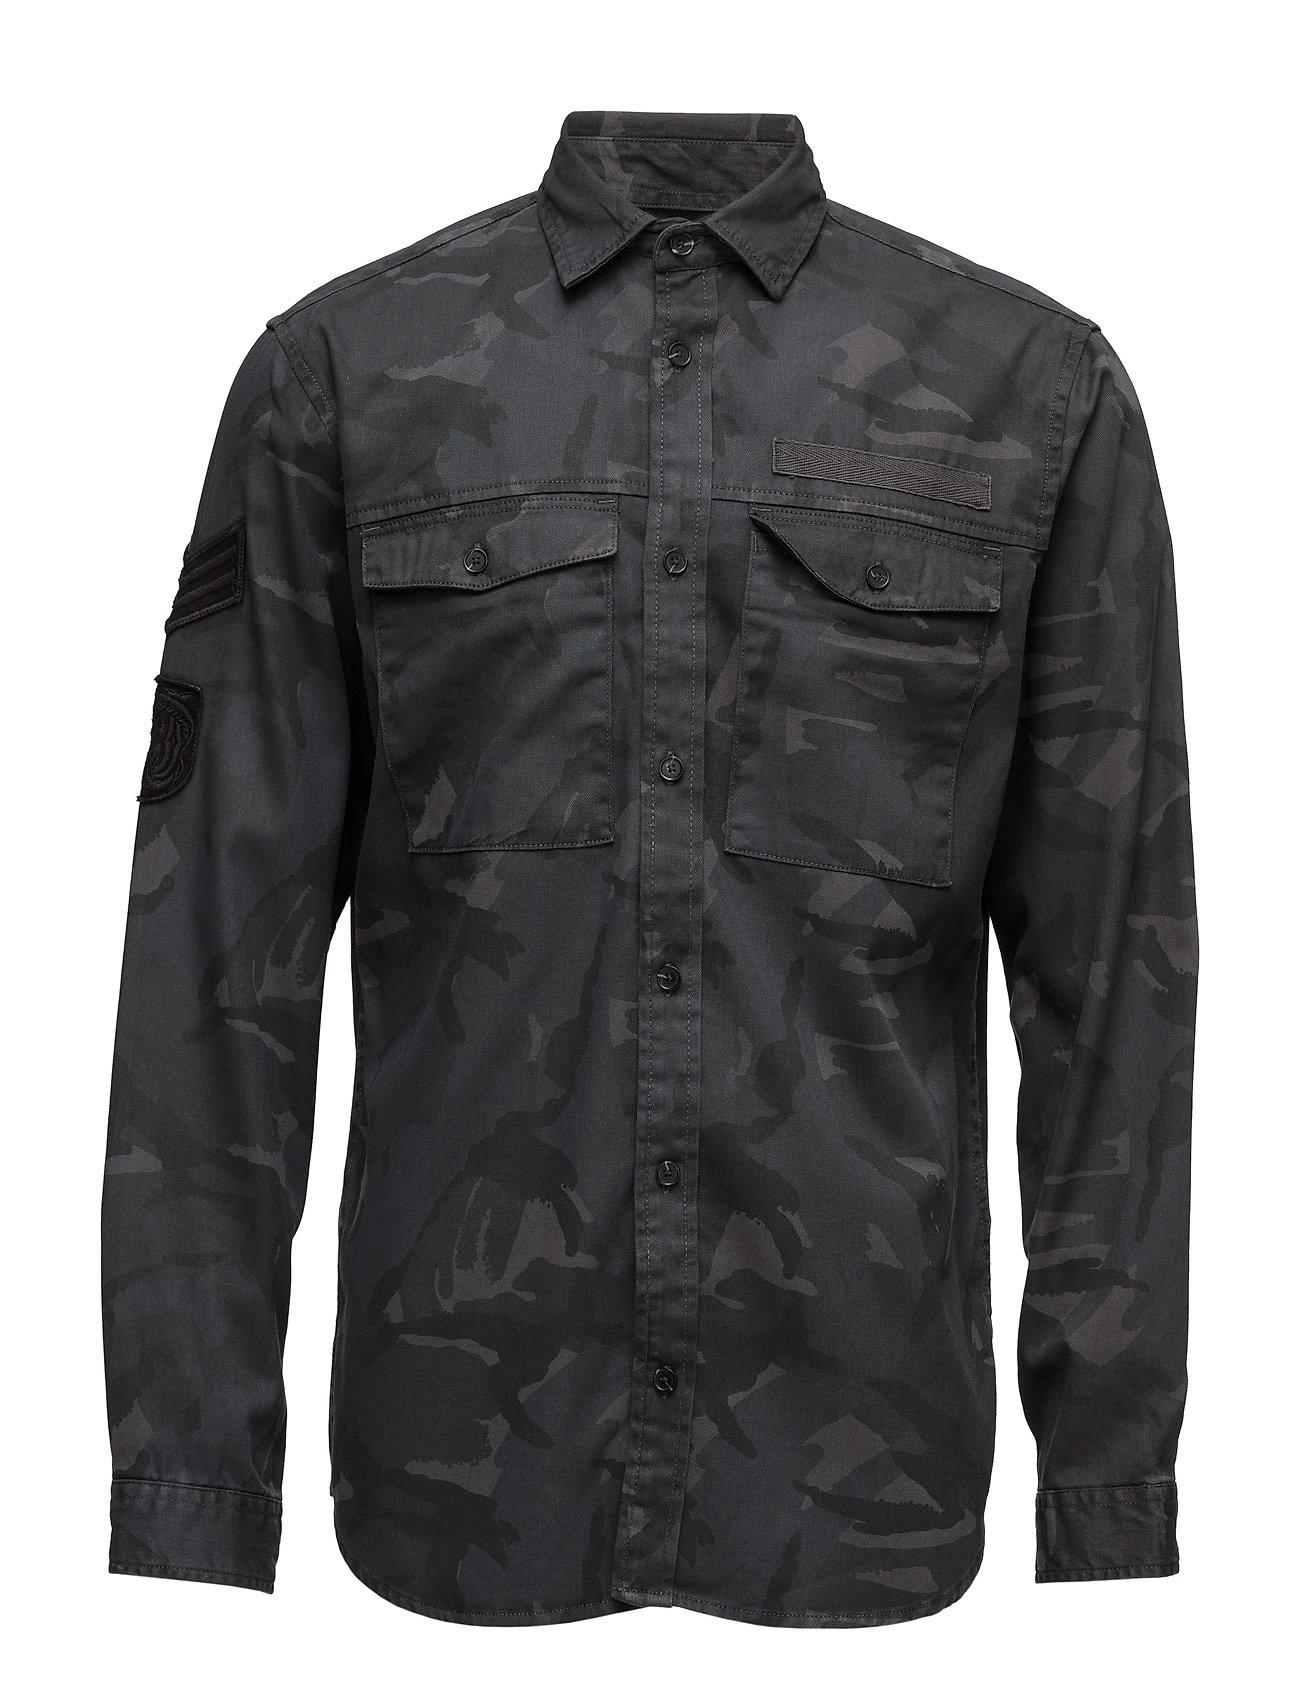 jack & jones original – Jorbattle shirt ls på boozt.com dk